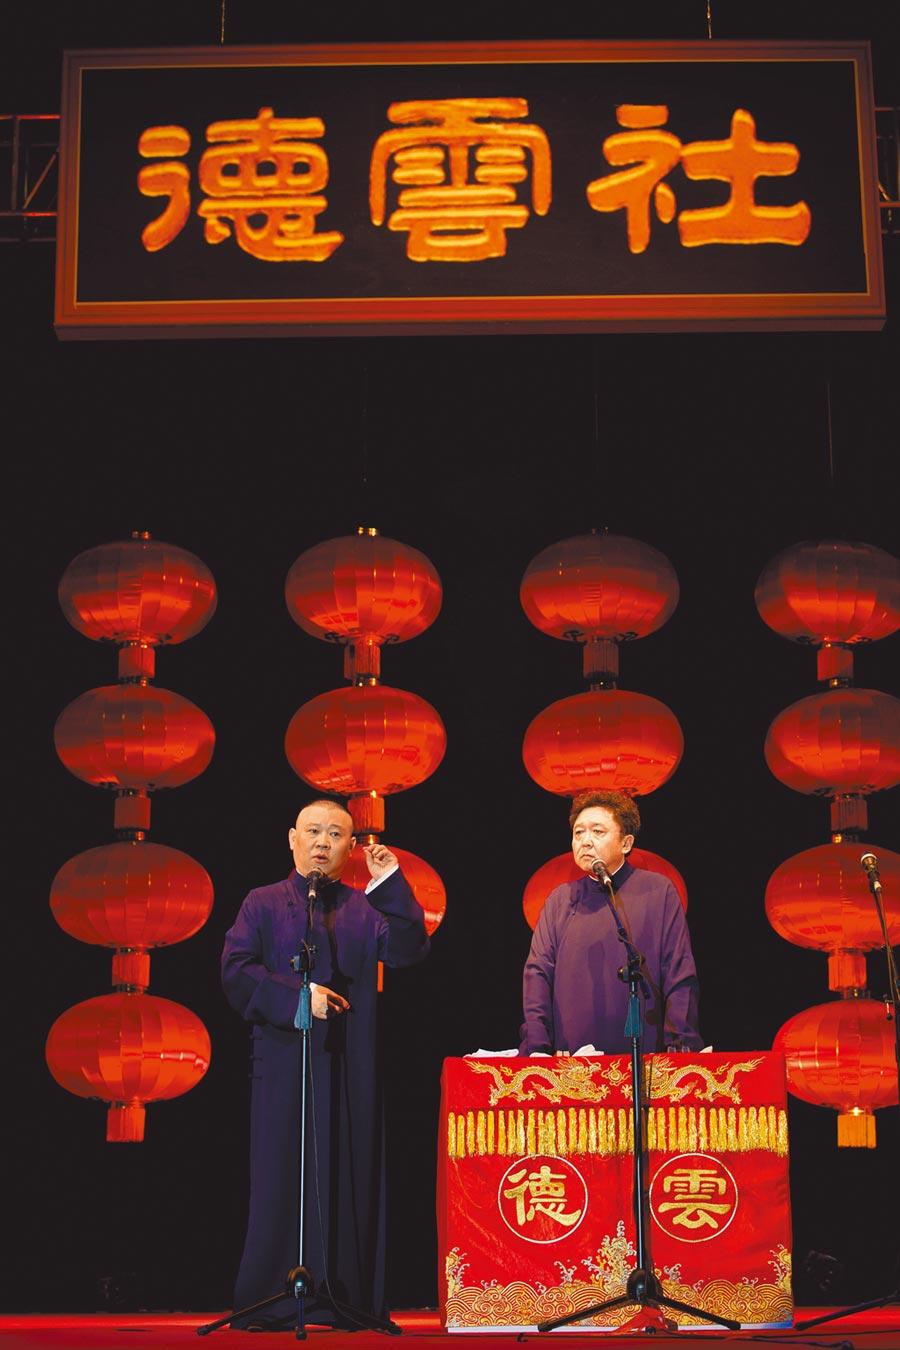 2015年10月10日,相聲演員郭德綱攜德雲社成員獻聲福州。(中新社)